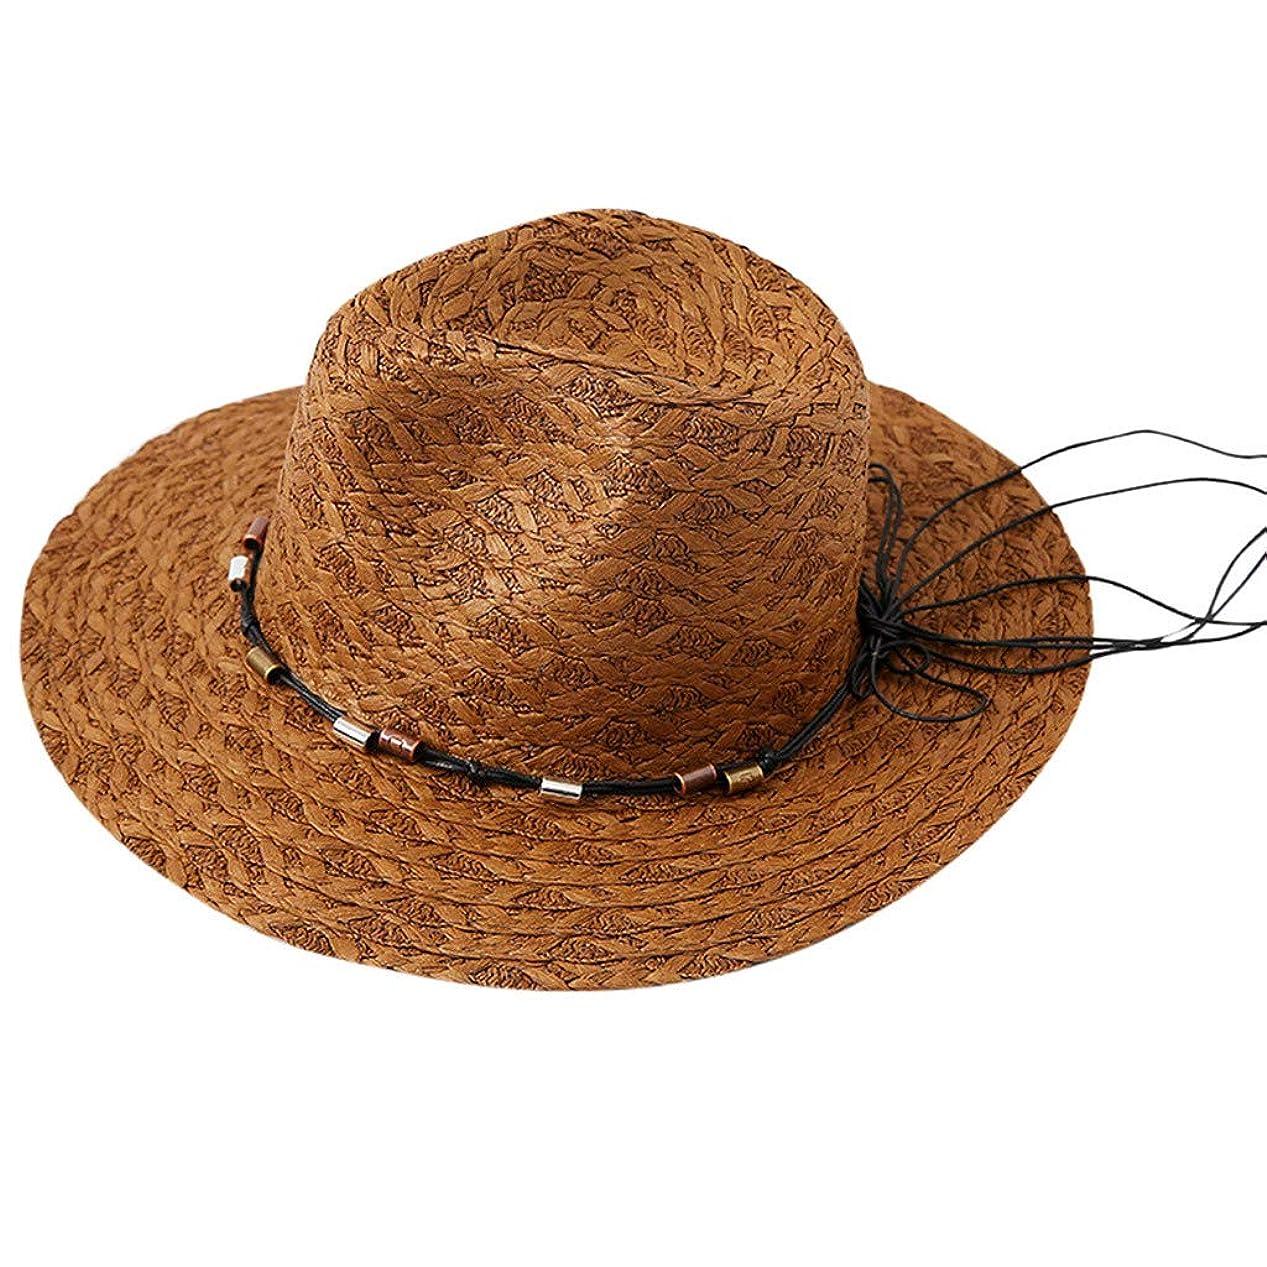 前件スペクトラム出口麦わら帽子 レディース UVカット ハット つば広 帽子 サイズ調整 テープ ハット 日除け キャップ レディース 小顔効果 紫外線防止 レディース 日よけ 日常用 可愛い ペーパーハット 紫外線対策 日焼け防止 ROSE ROMAN